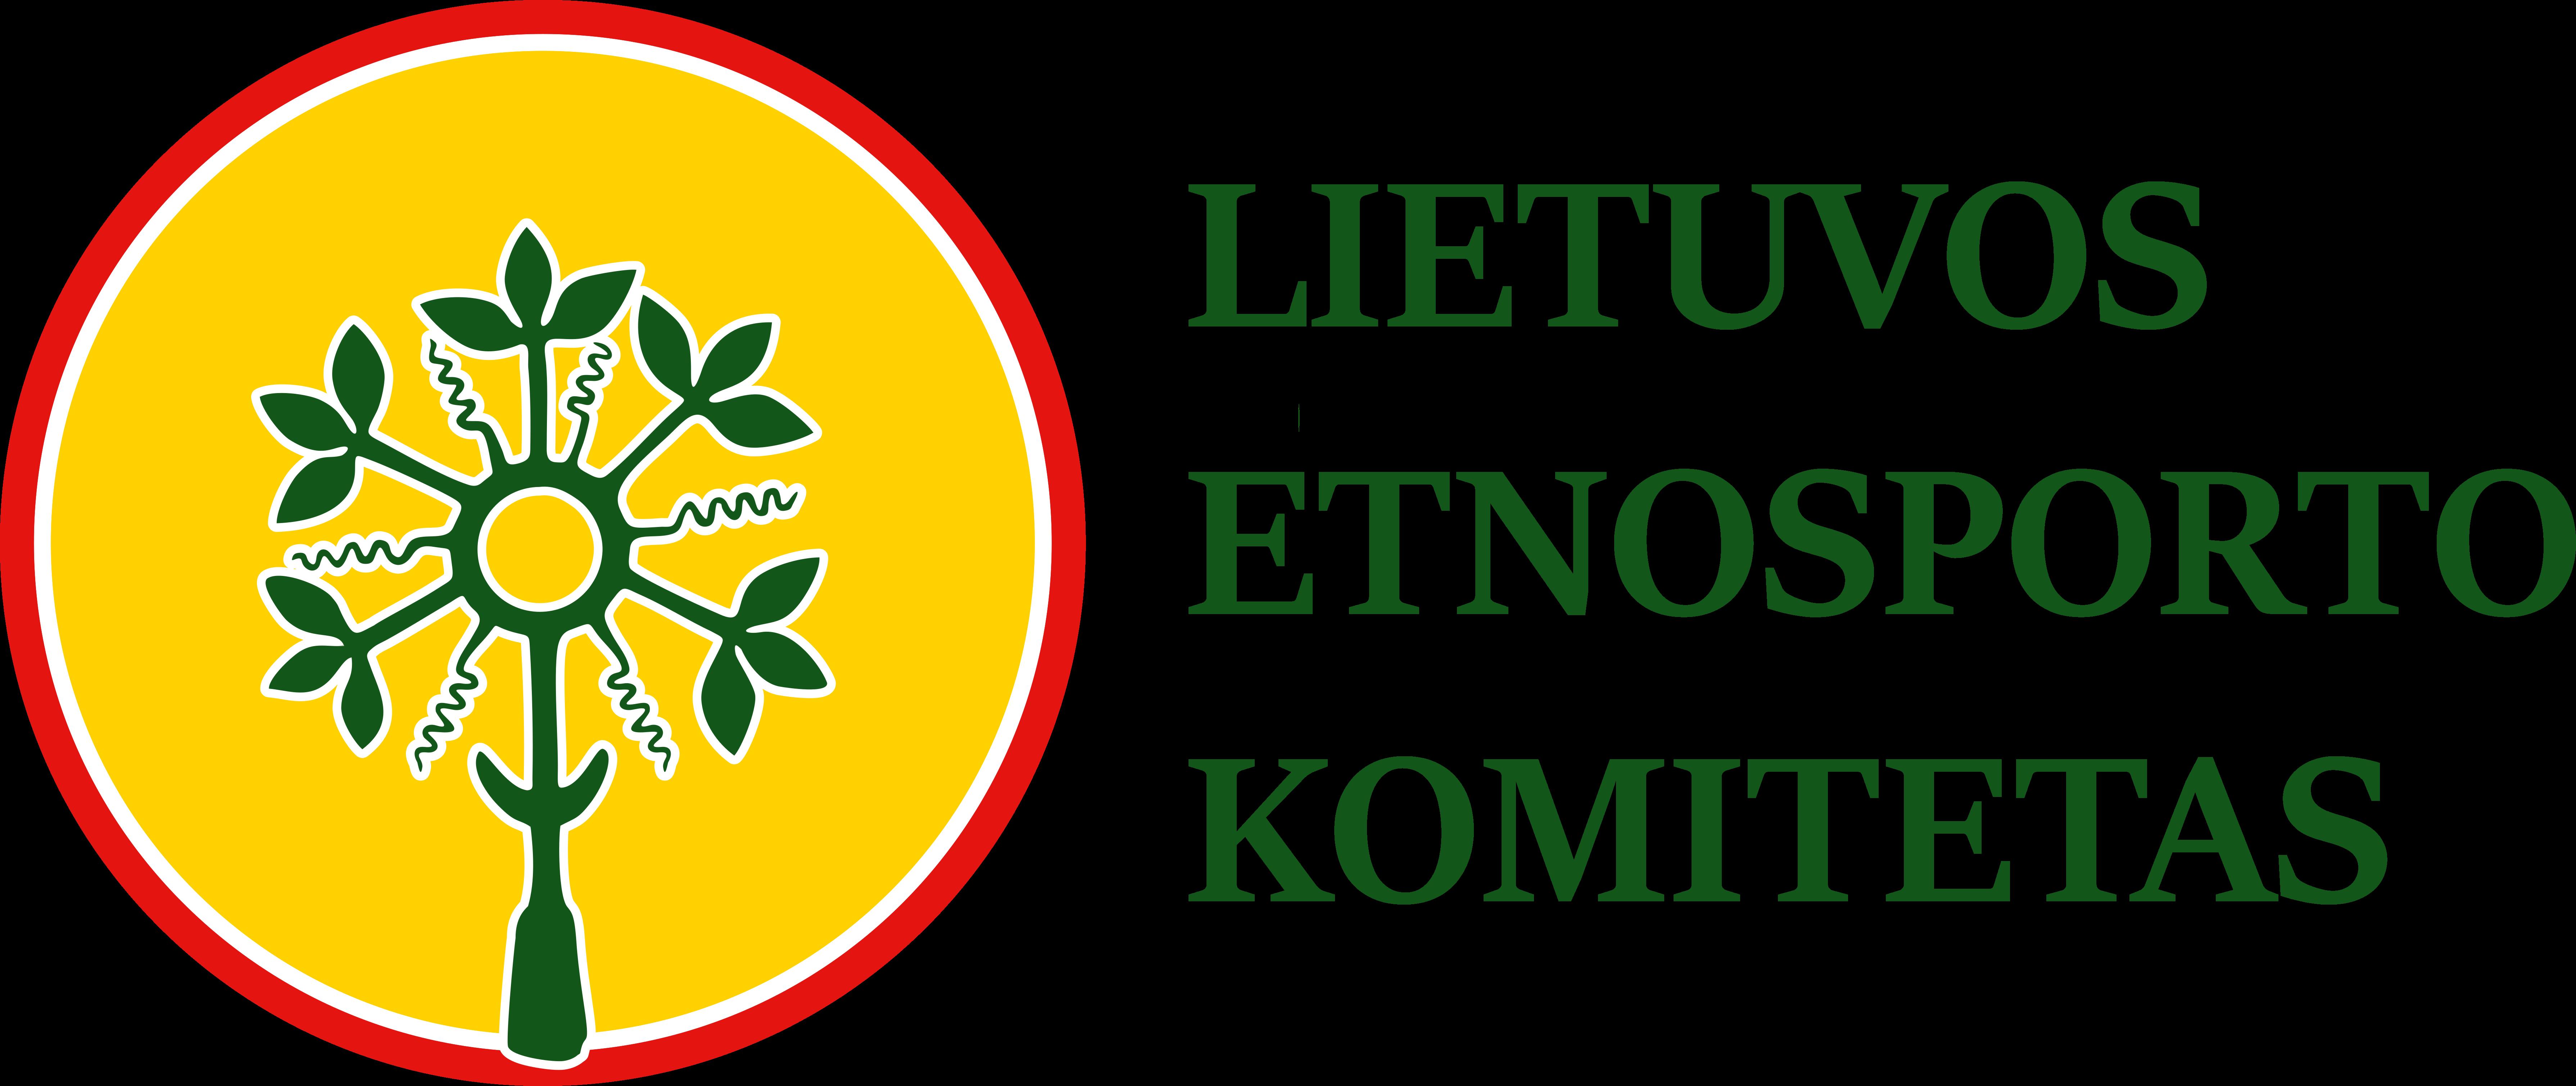 Lietuvos Etnosporto Komitetas - Tradiciniai liaudiesžaidimai.